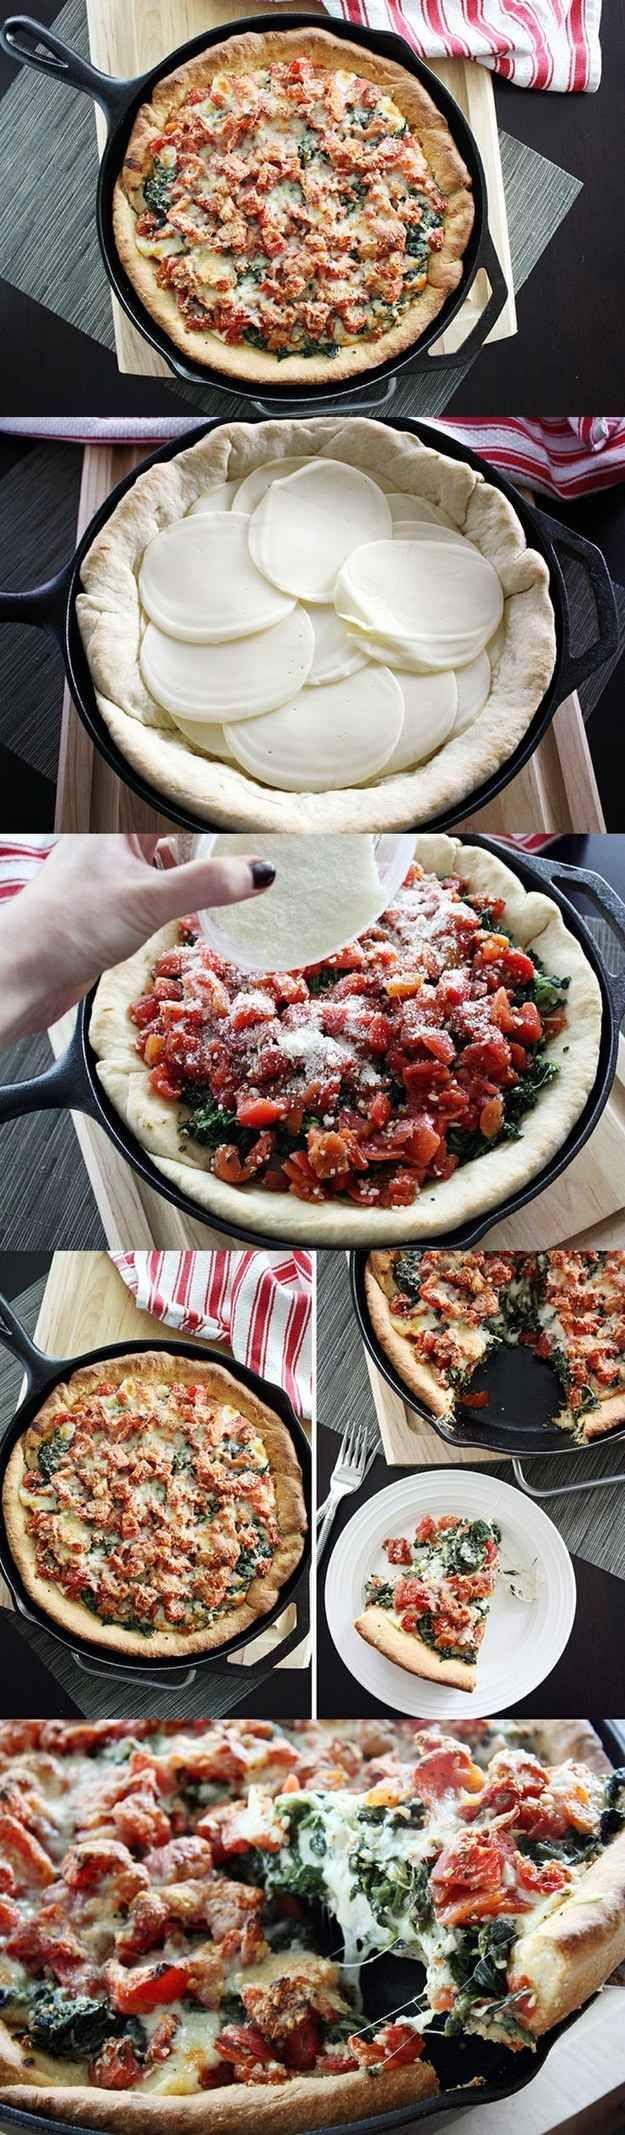 Pizza-Pie mit Spinat und Tomaten